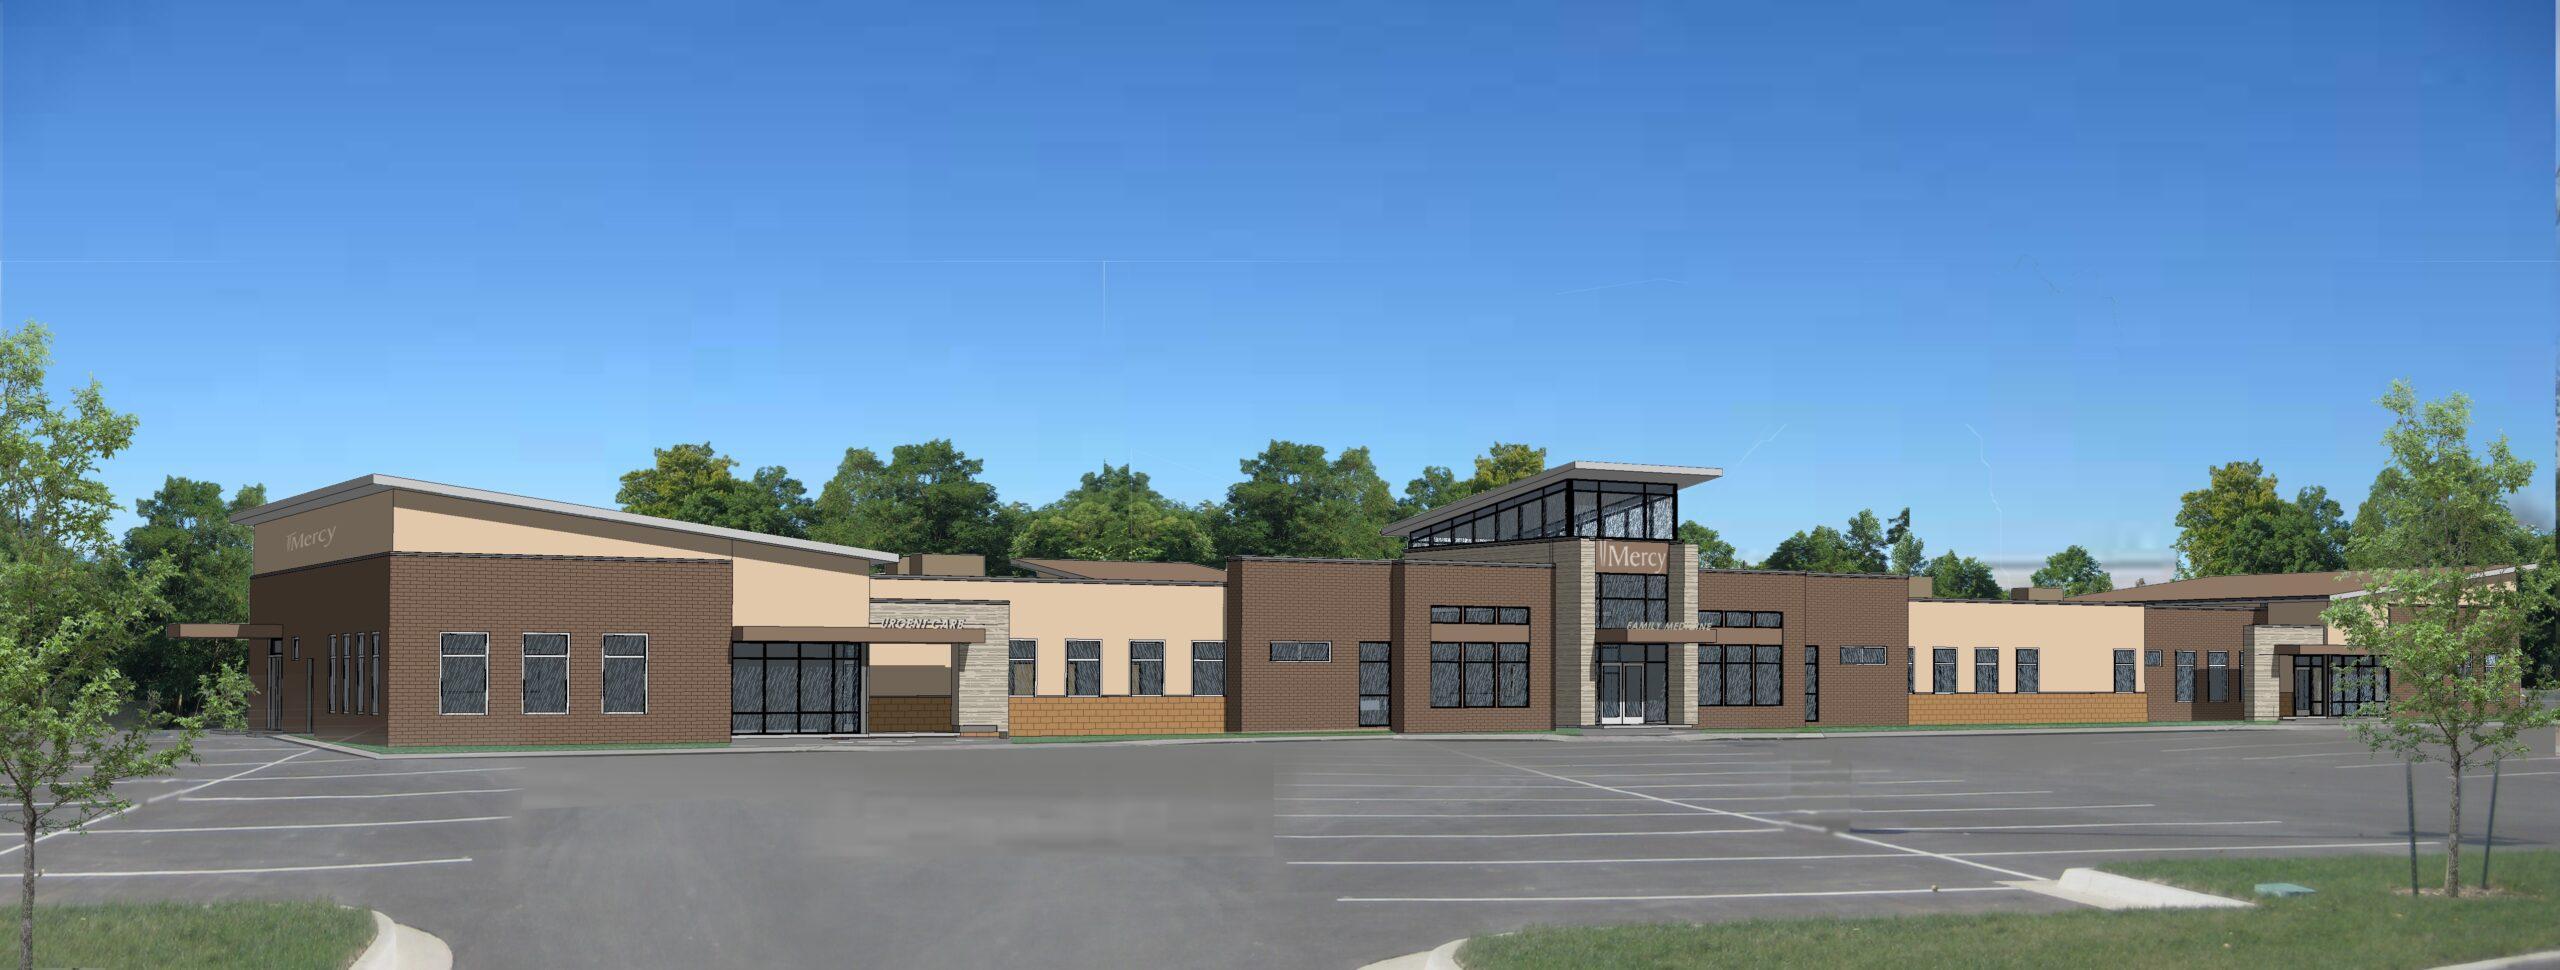 Ottumwa Clinic rendering June 2016